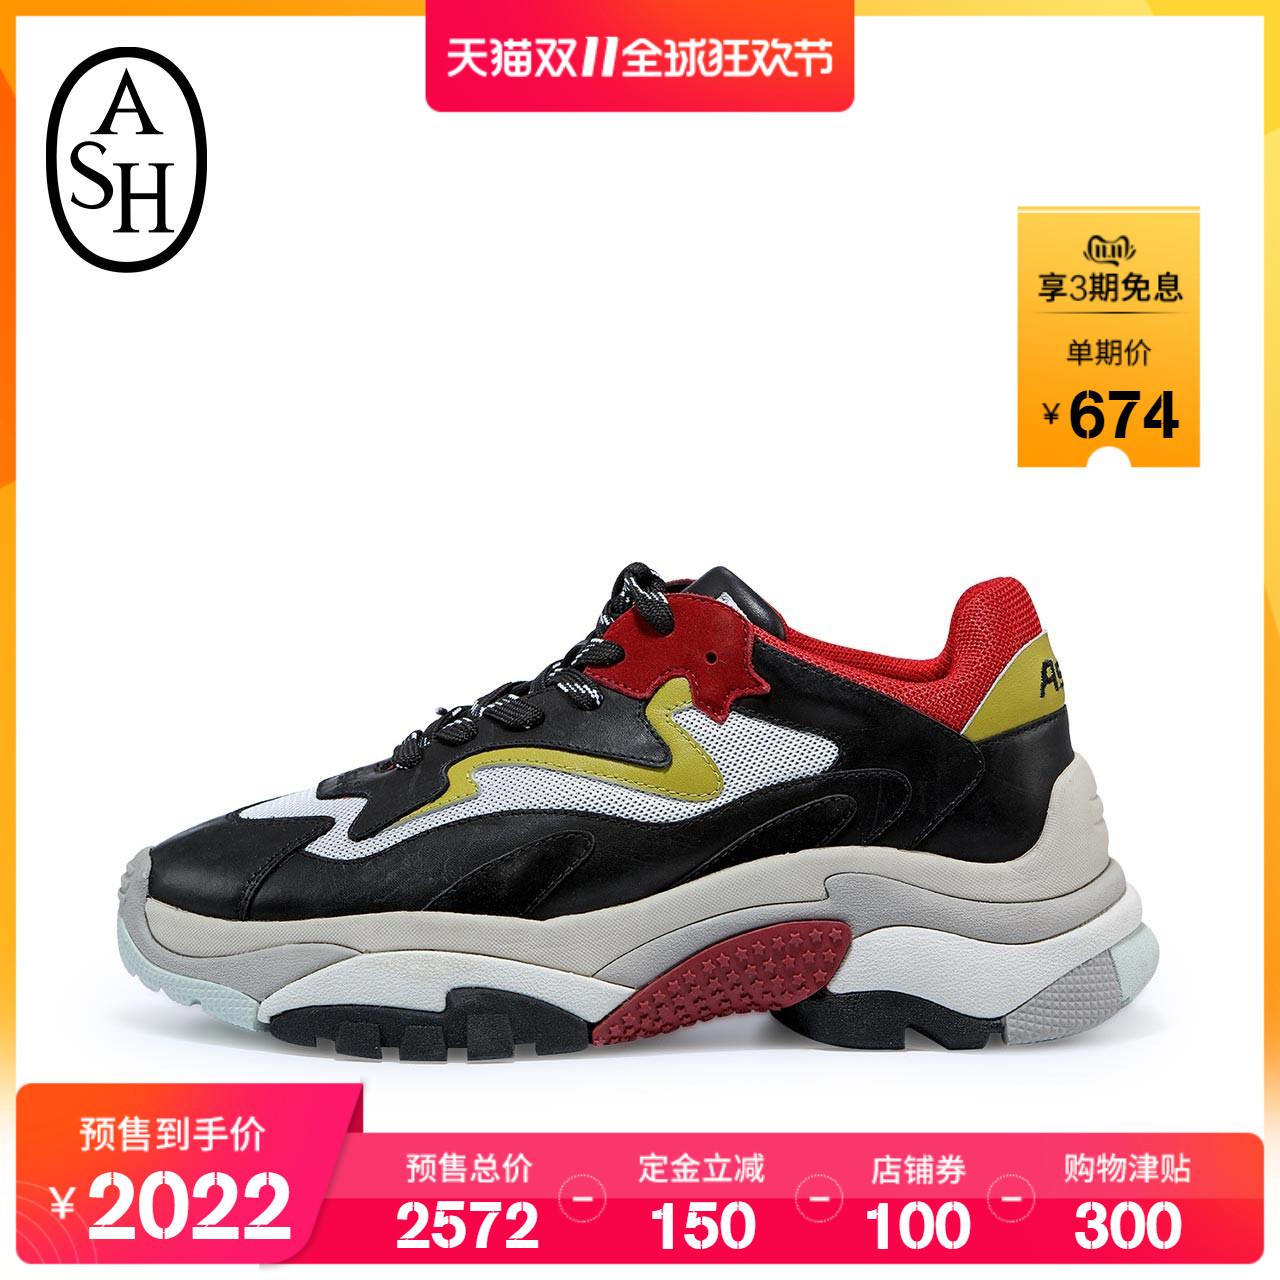 ASH男鞋2019新款ATOMIC系列增高低帮运动鞋老爹鞋 thumbnail